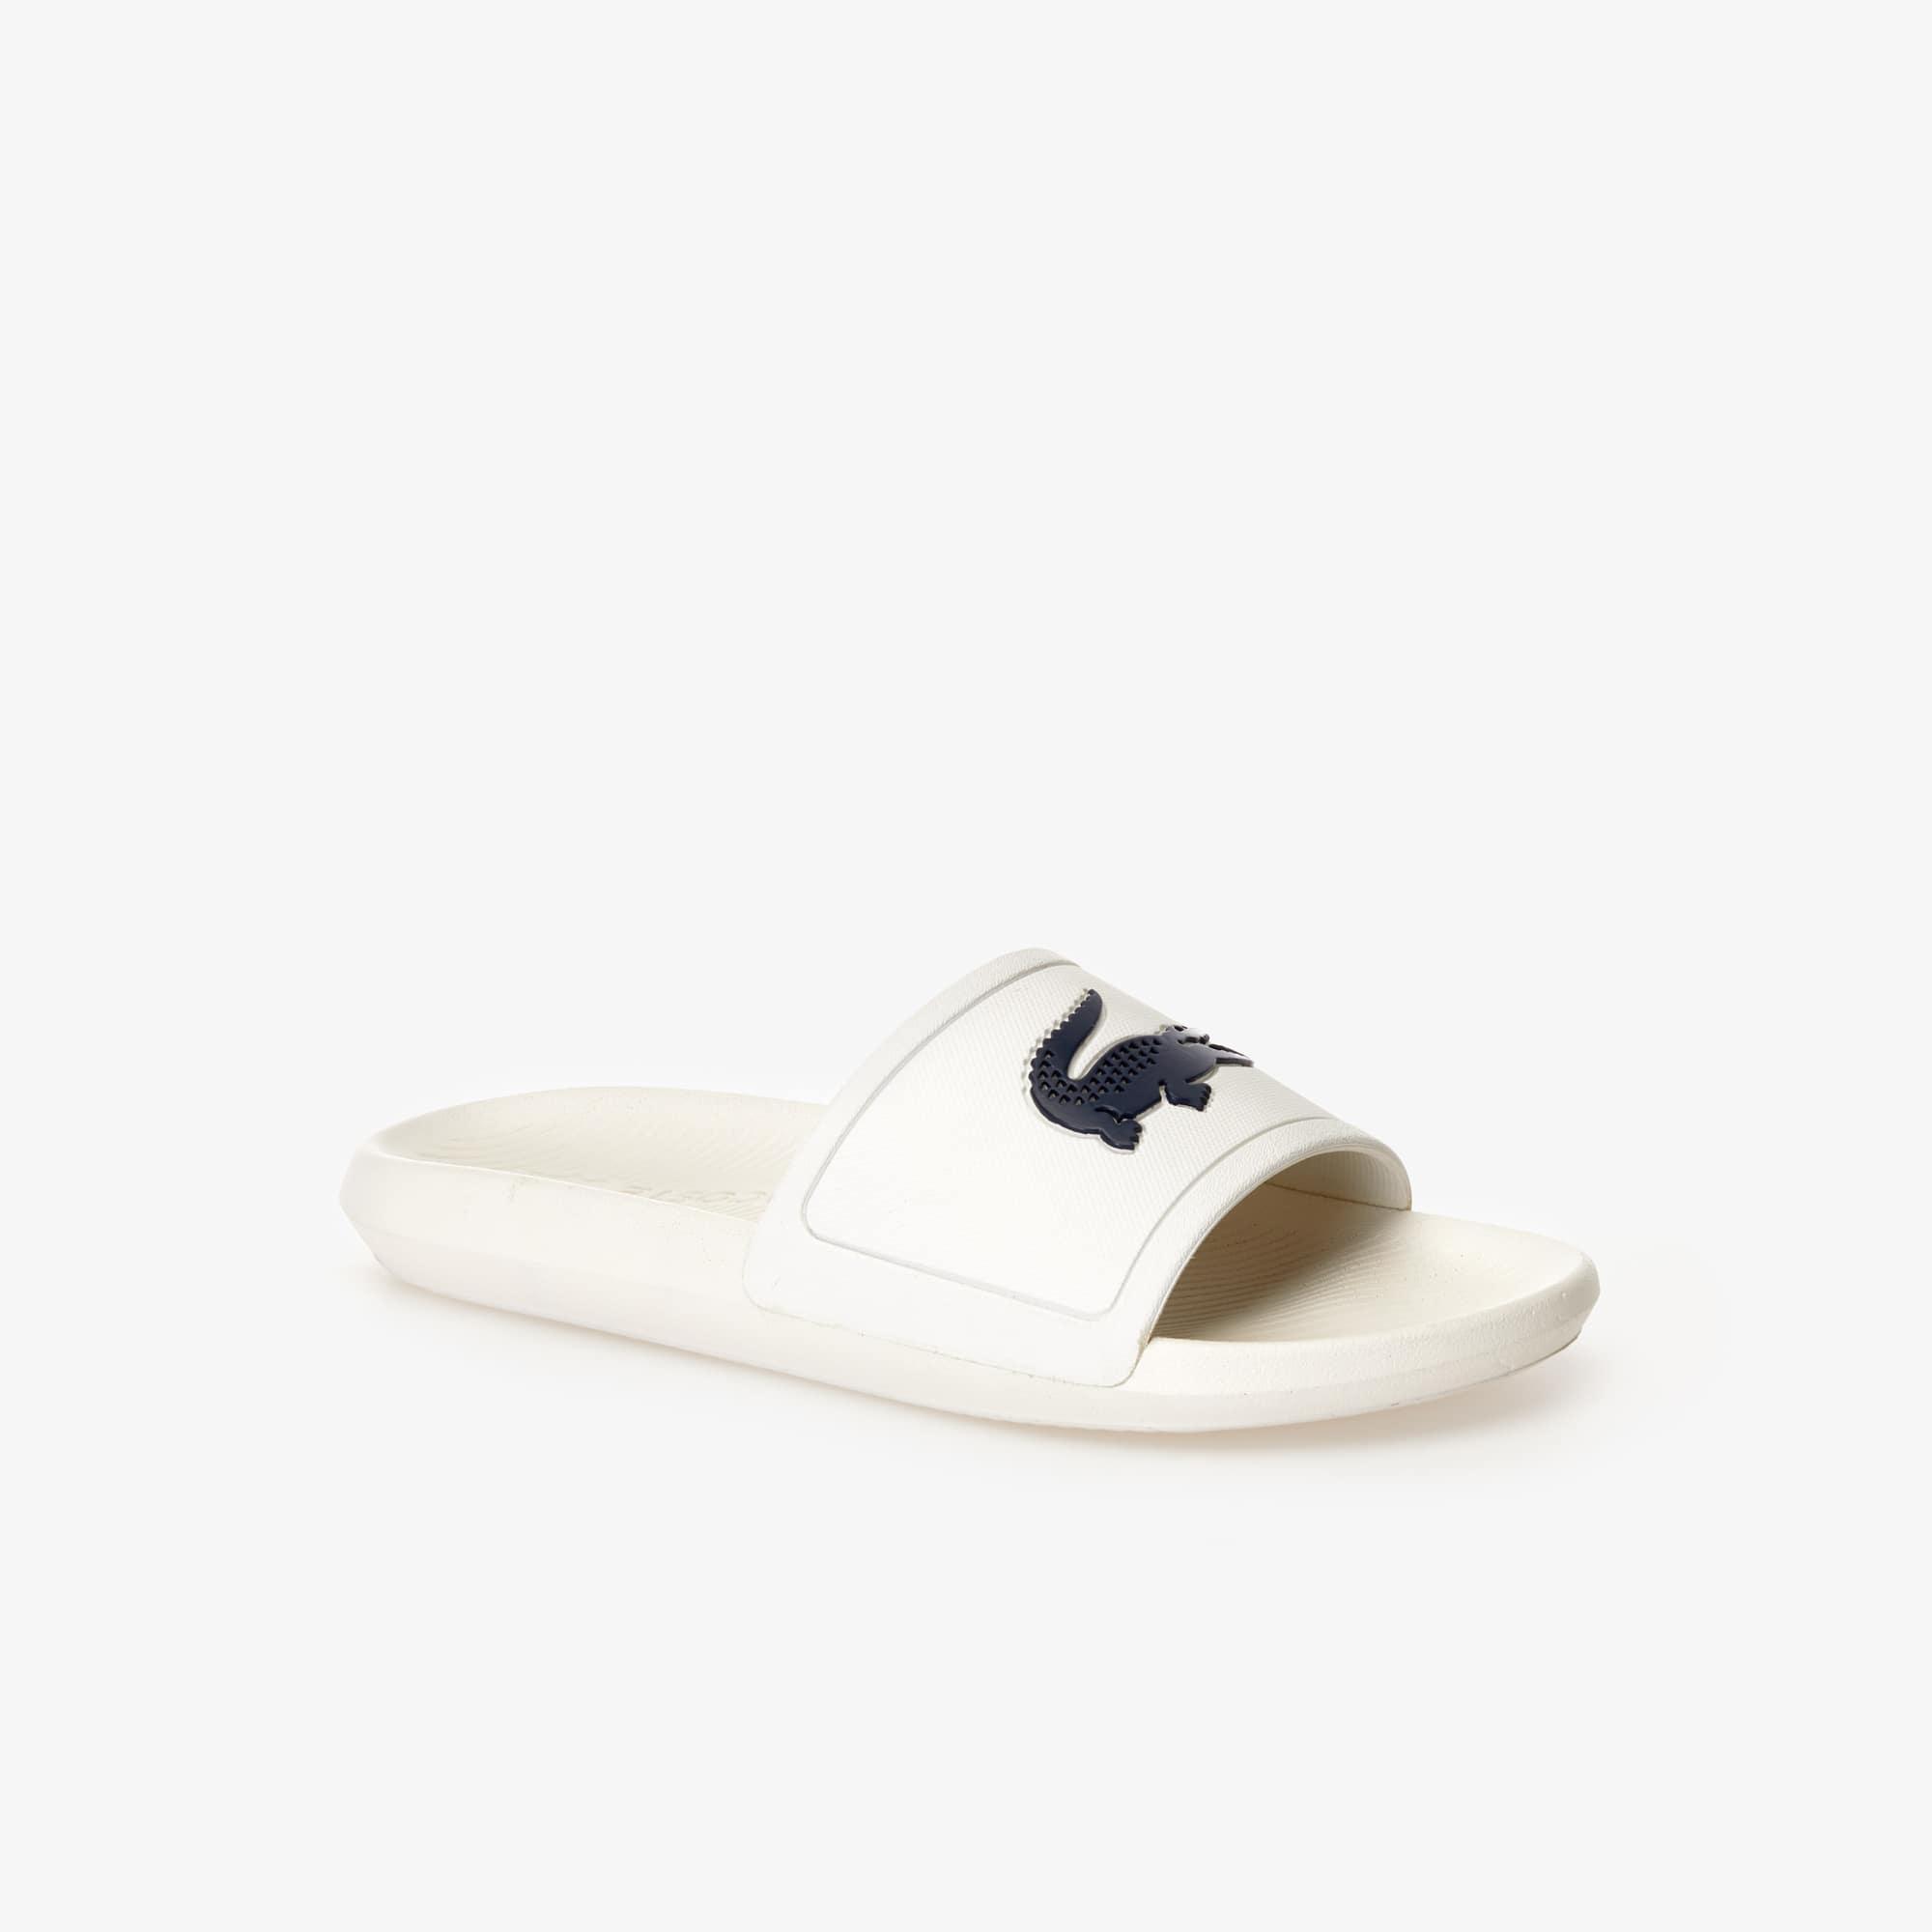 Lacoste  Men's Croco Rubber Slides